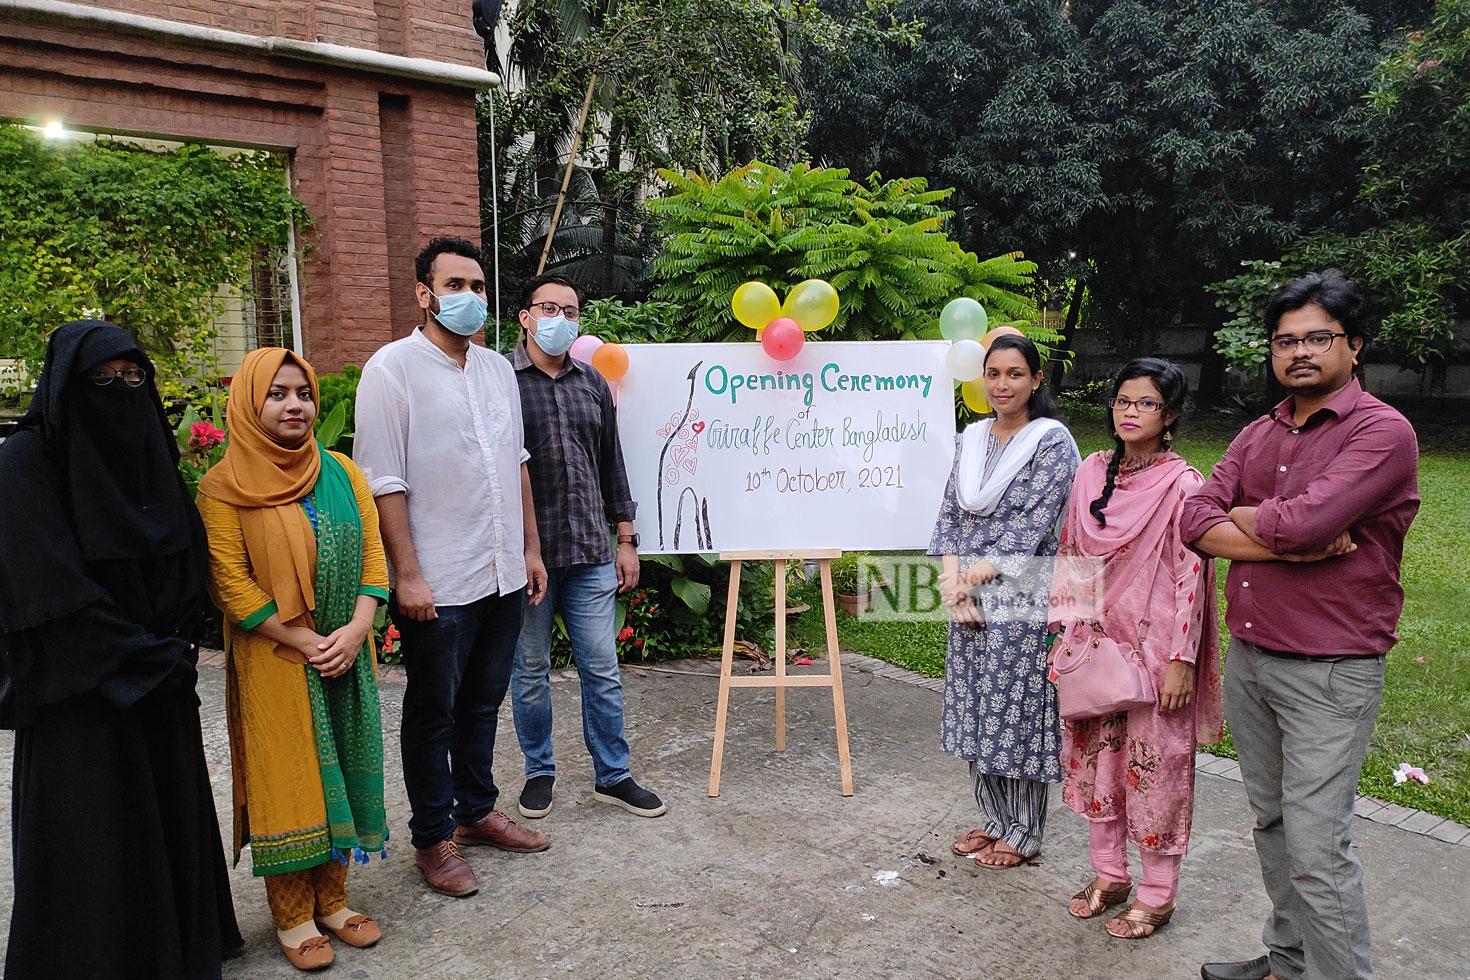 মানসিক স্বাস্থ্যসেবা দেবে 'জিরাফ সেন্টার বাংলাদেশ'